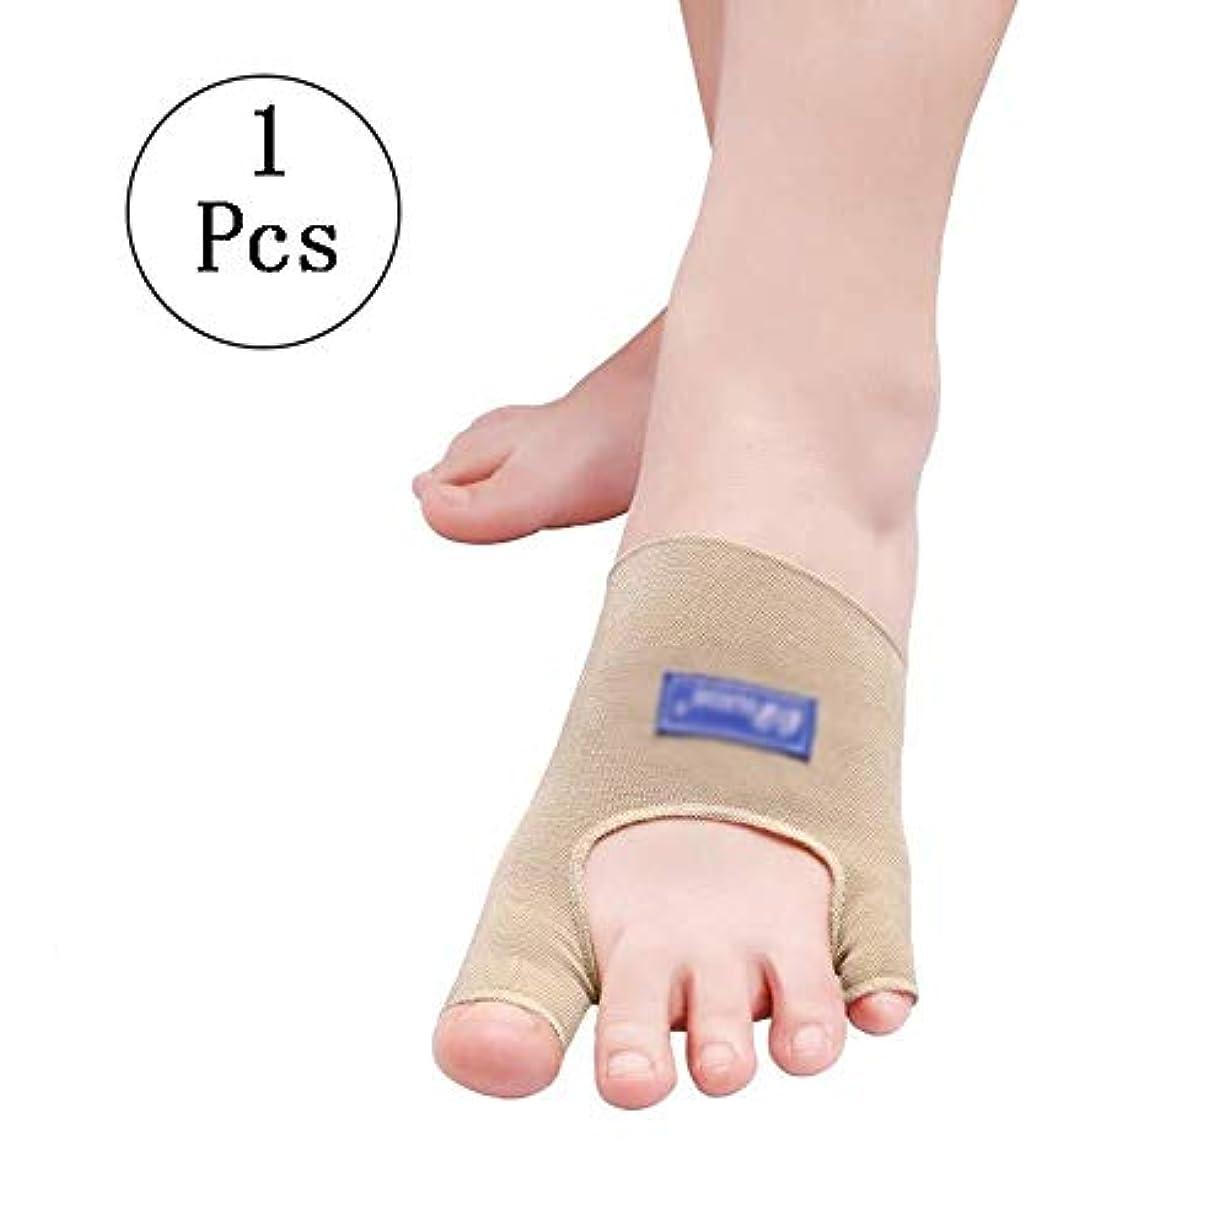 膨らみマルコポーロダーツGRX-DDYつま先つま先外反スプレッダー大きな足骨装具包帯快適な通気性の高い弾力性は、つま先の痛みの痛みを和らげます,RightFoot